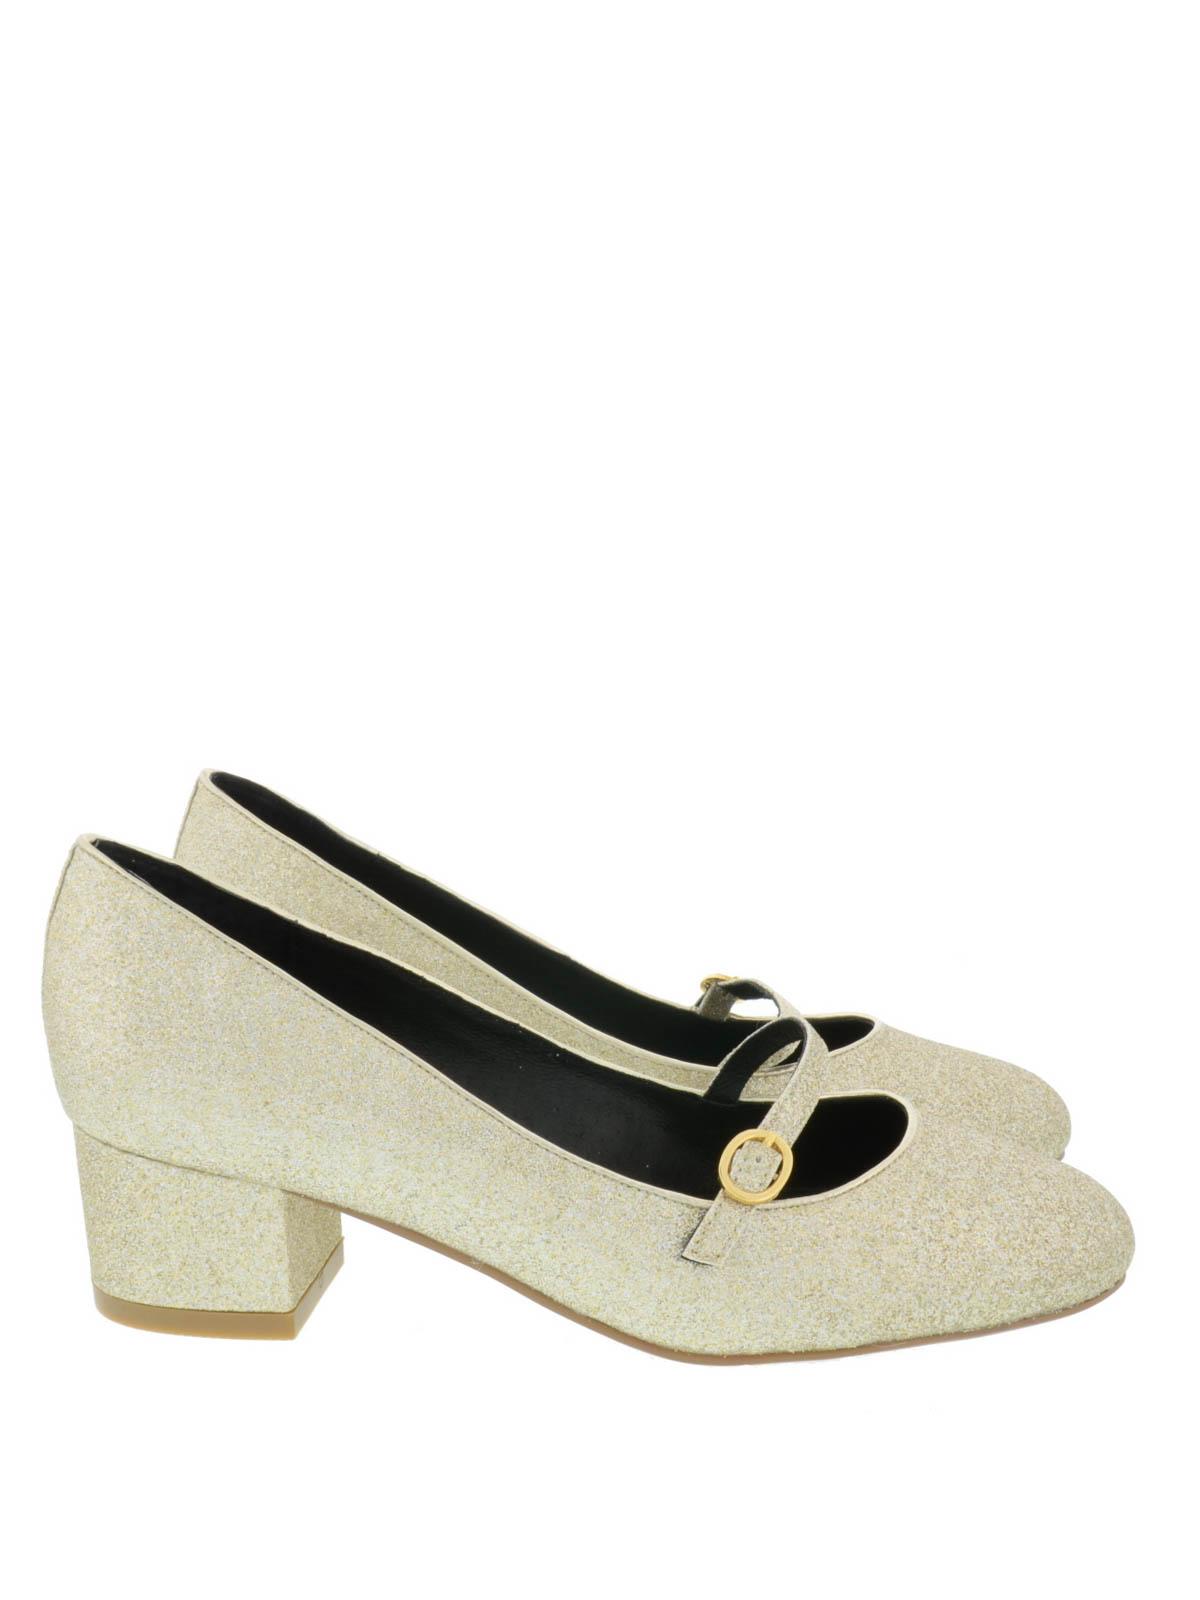 1d93739a3c1 jeffrey-campbell-online-court-shoes-twyla-court-shoes-00000060047f00s002.jpg